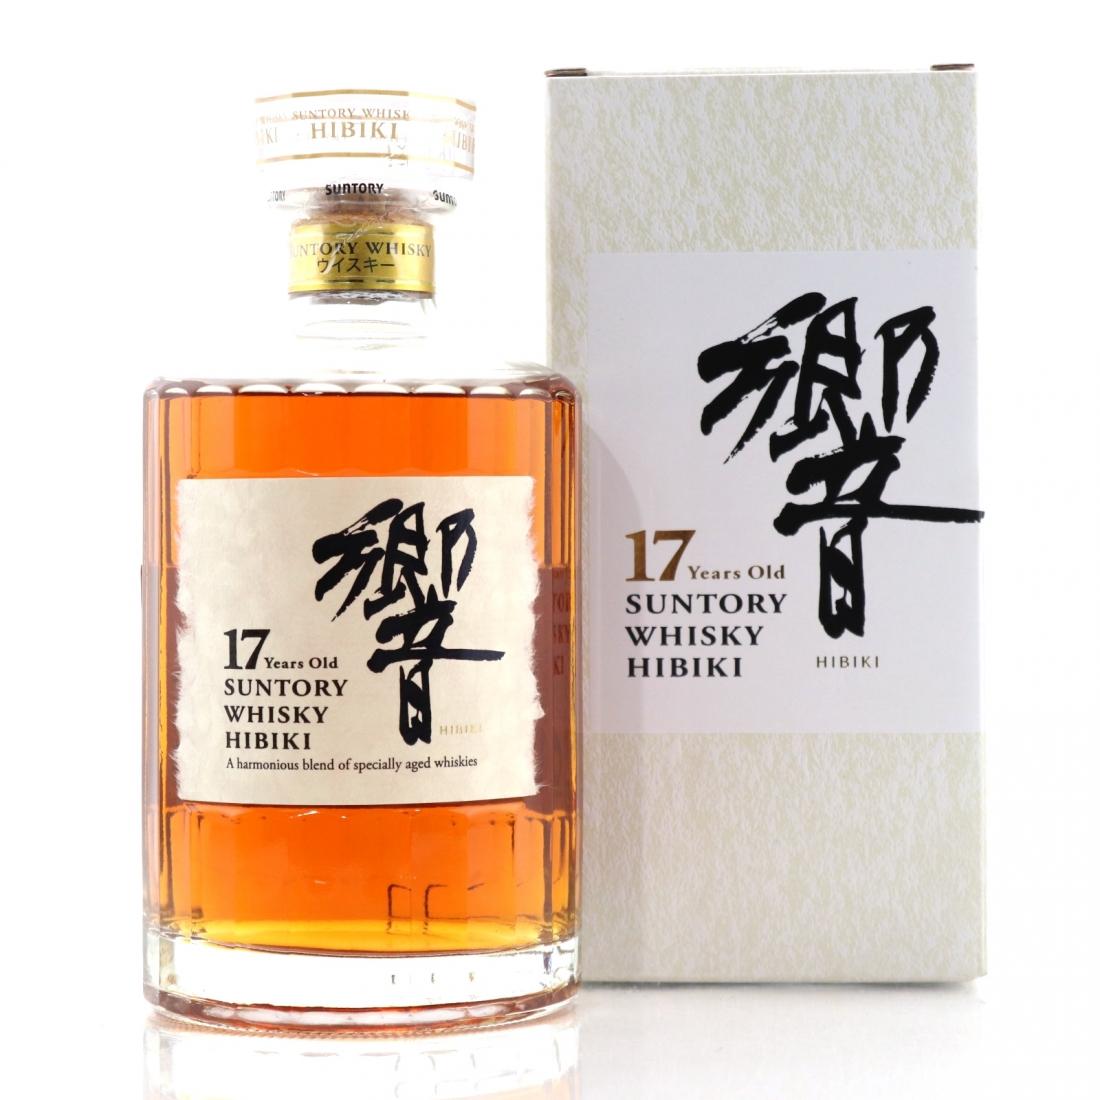 Hibiki Suntory Whisky 17 Year Old